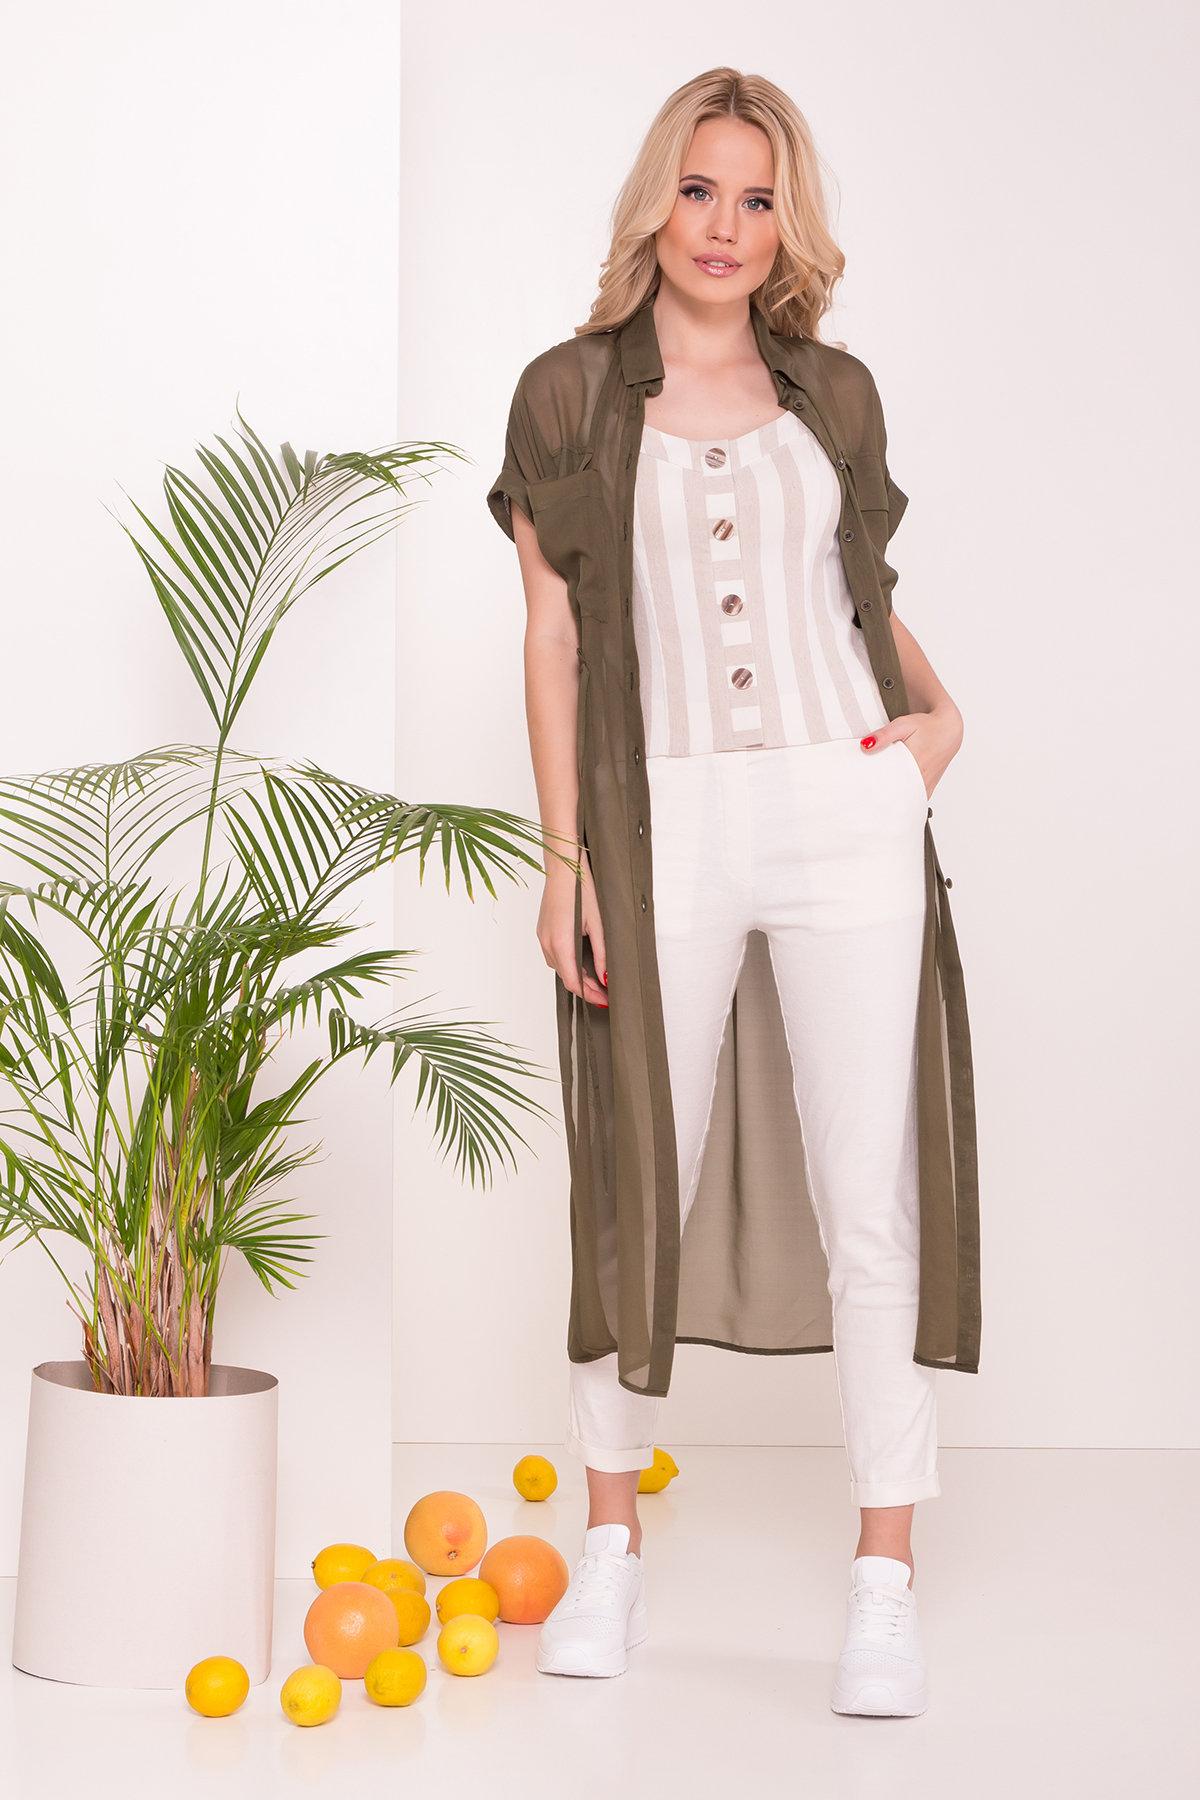 Платье-рубашка Эриал 7544 АРТ. 43466 Цвет: Хаки - фото 4, интернет магазин tm-modus.ru